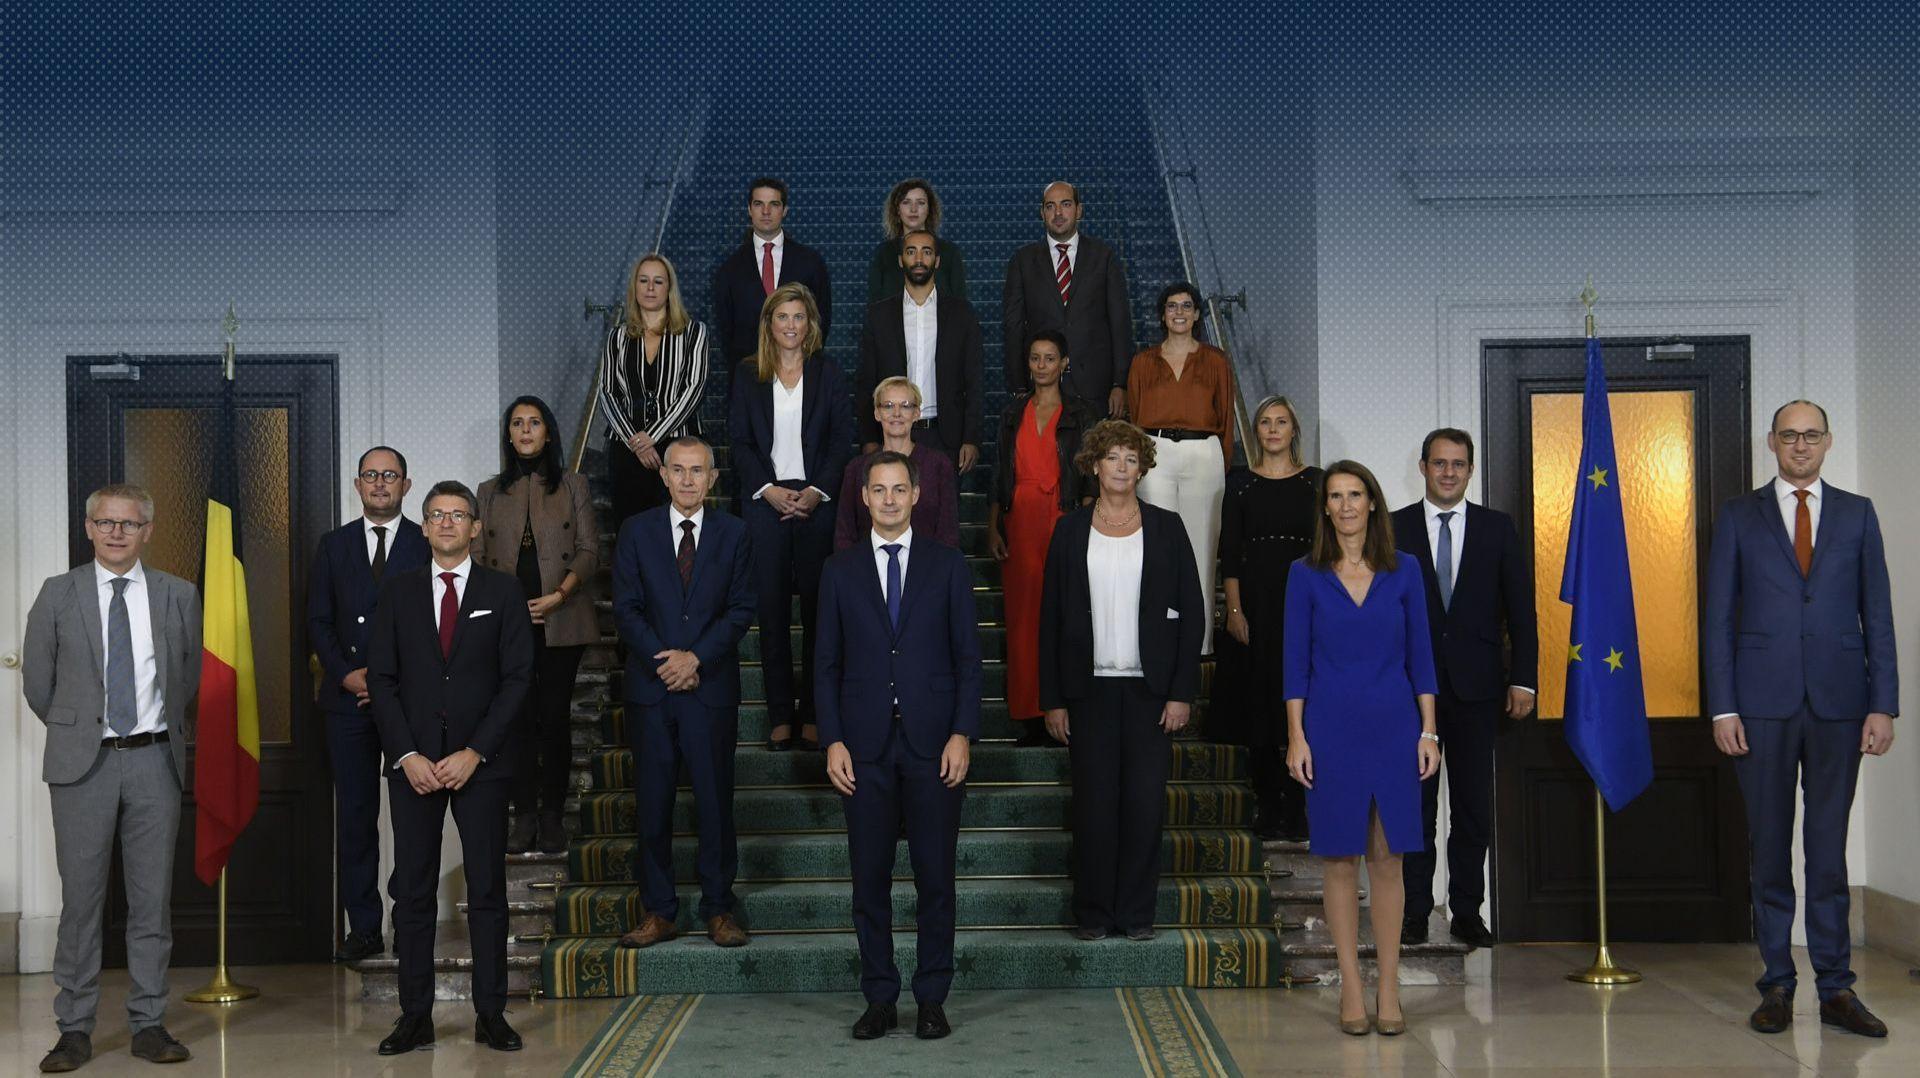 Les Nouveaux Ministres Du Nouveau Gouvernement Belge Ont Prete Serment Ce Matin Chez Le Roi Voici Leurs Noms Et Fonctions